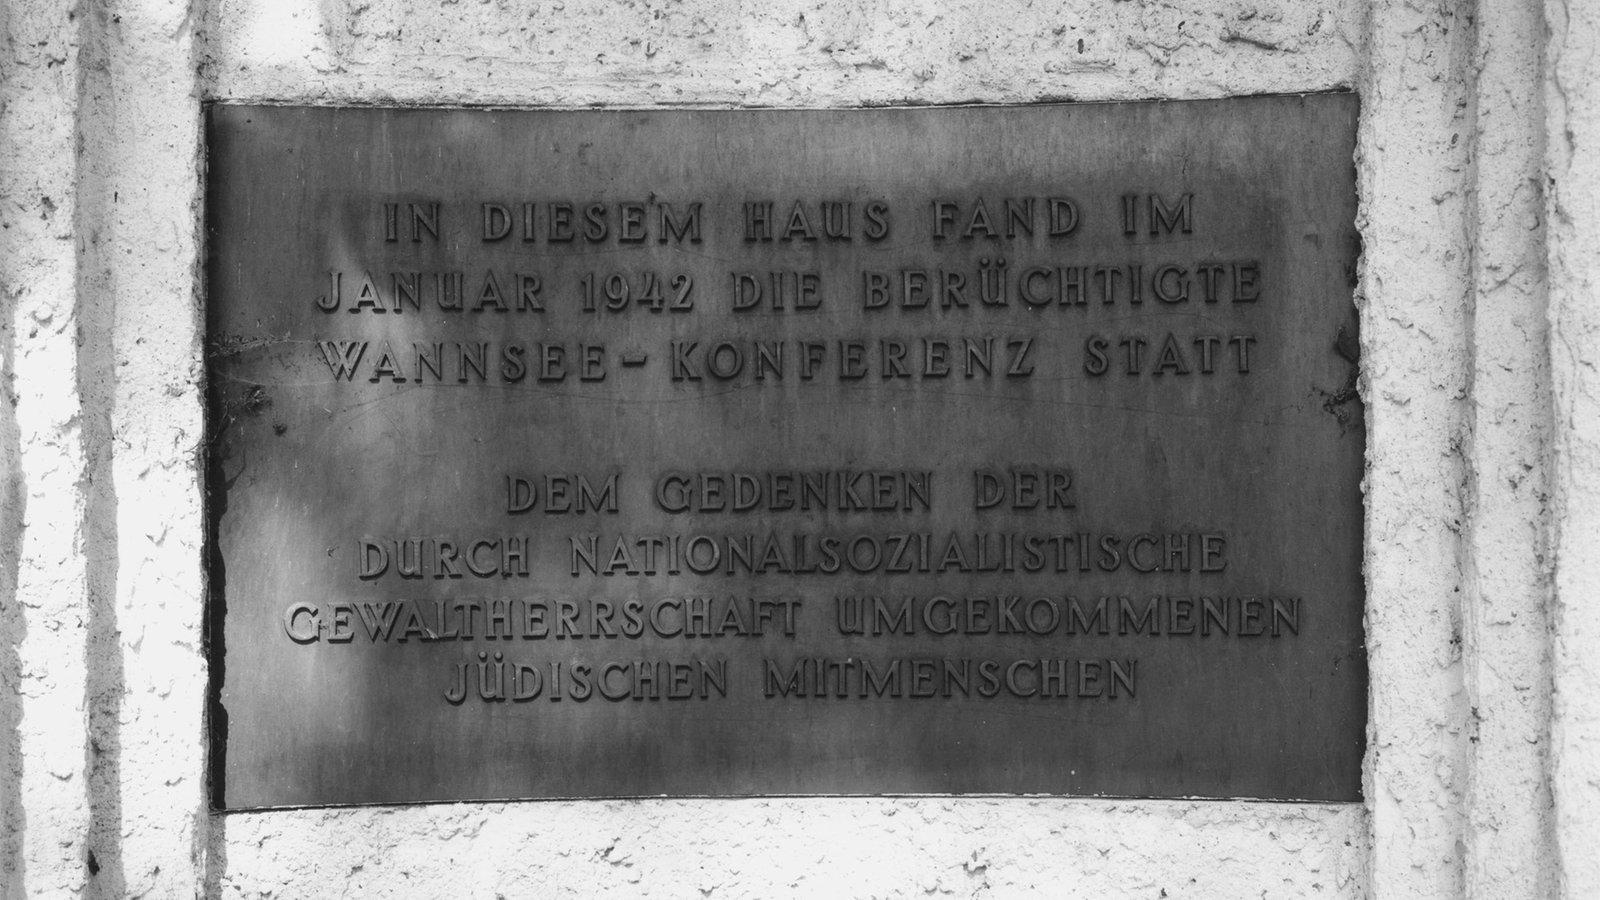 Wannsee Konferenz Teilnehmer